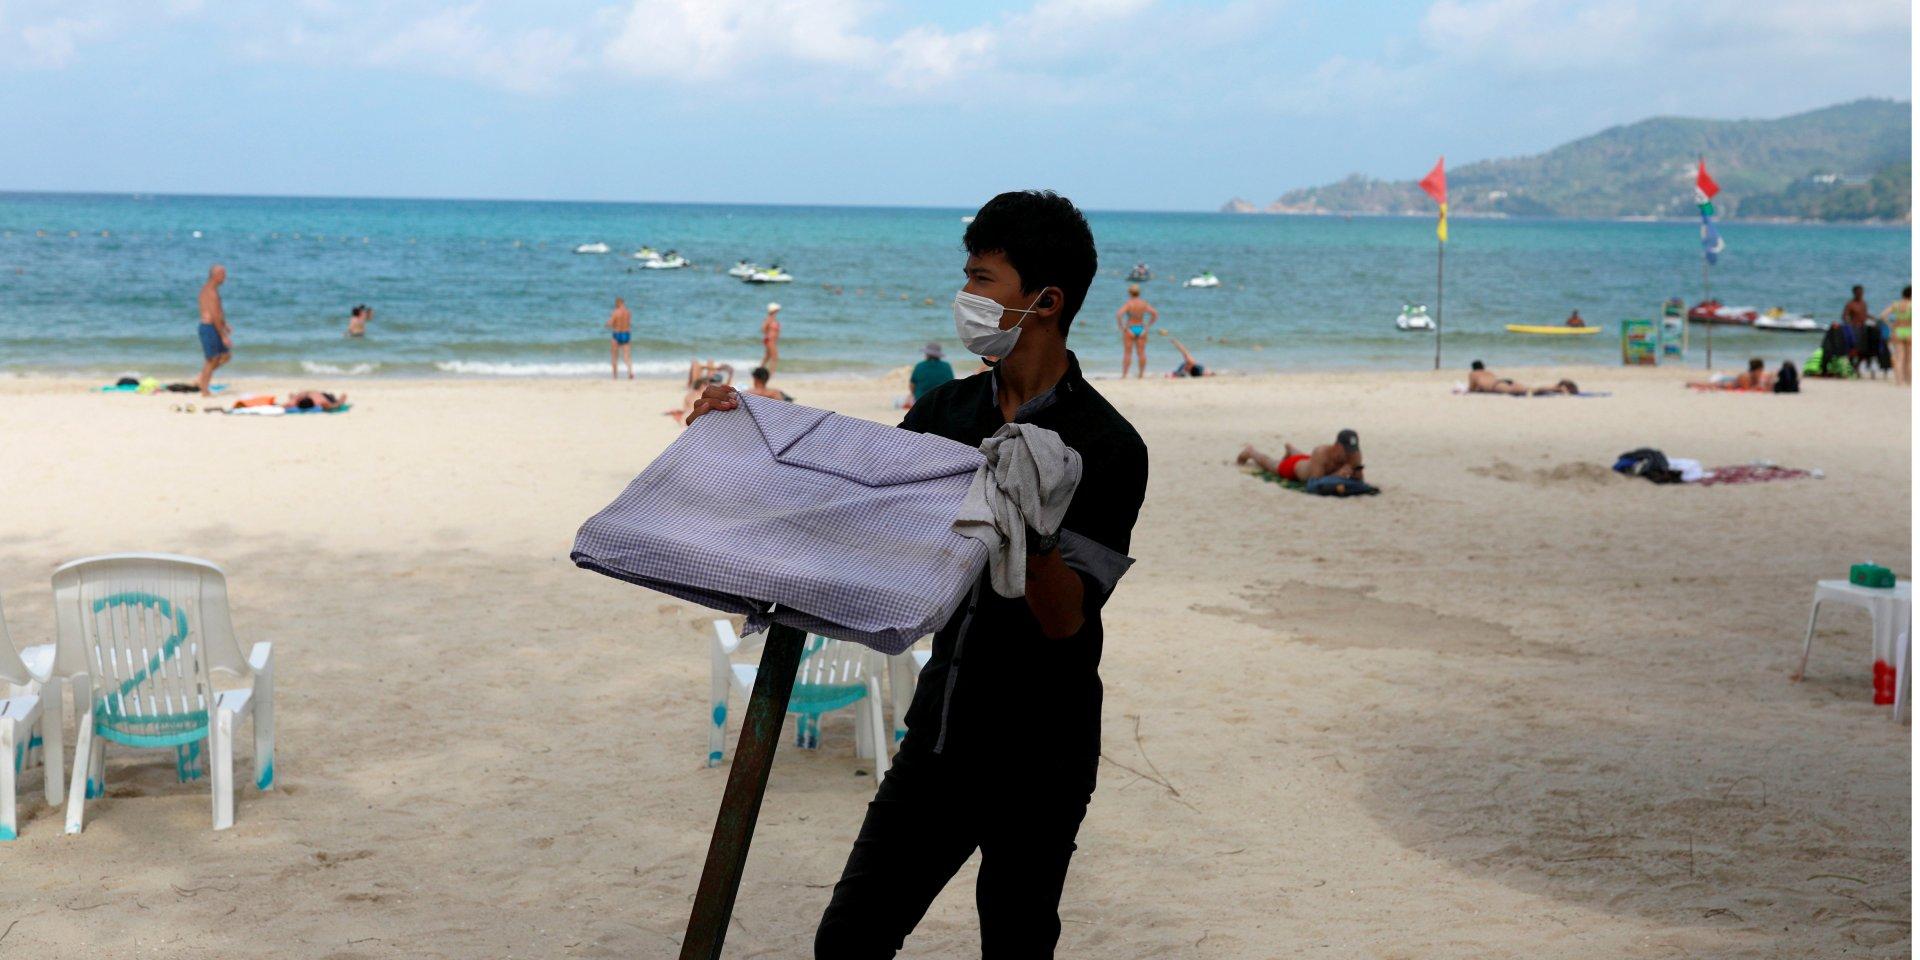 Власти Таиланда намерены продлить режим чрезвычайного положения до 31 августа